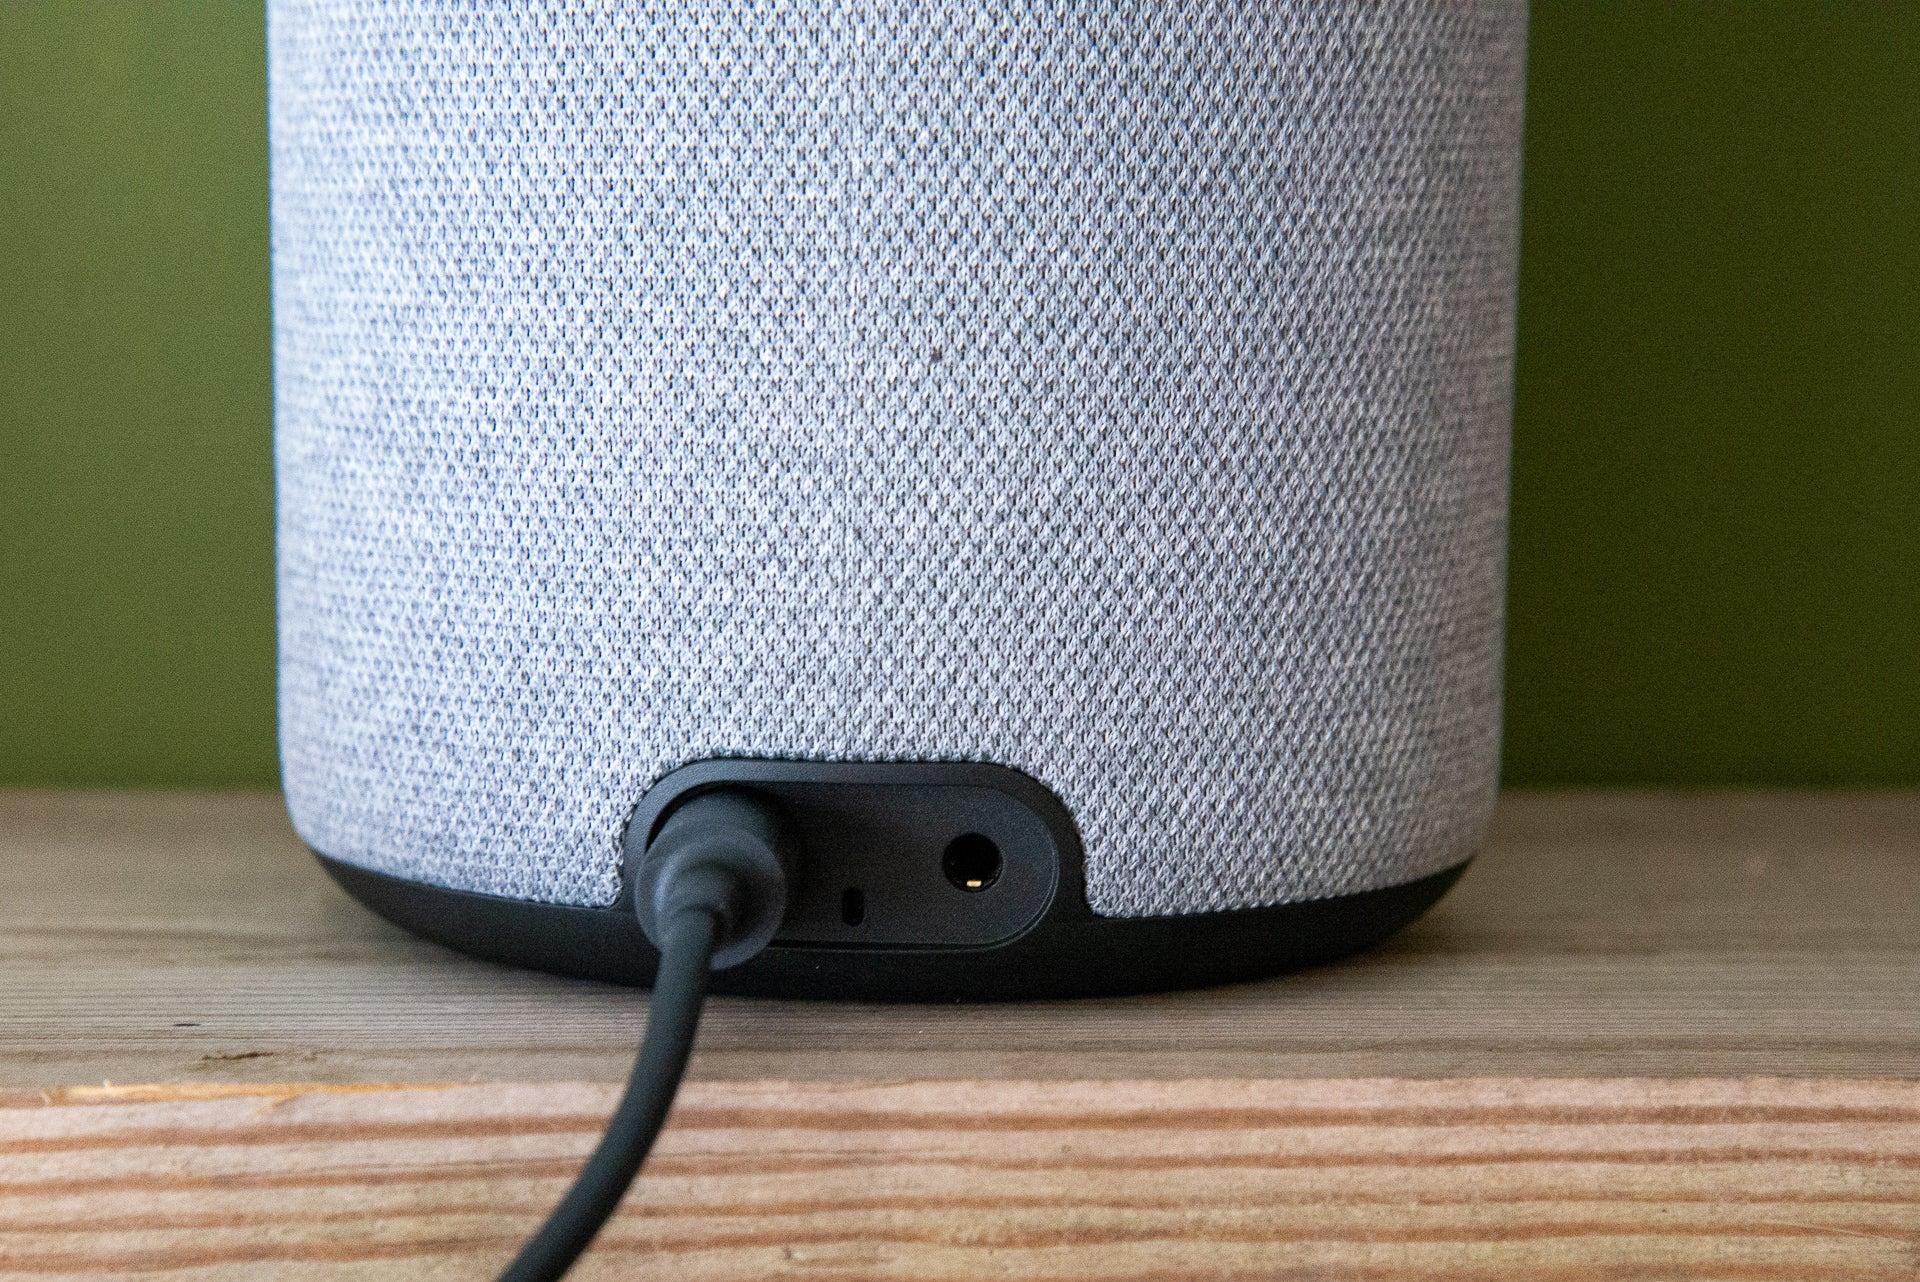 Amazon Echo 3rd Gen rear